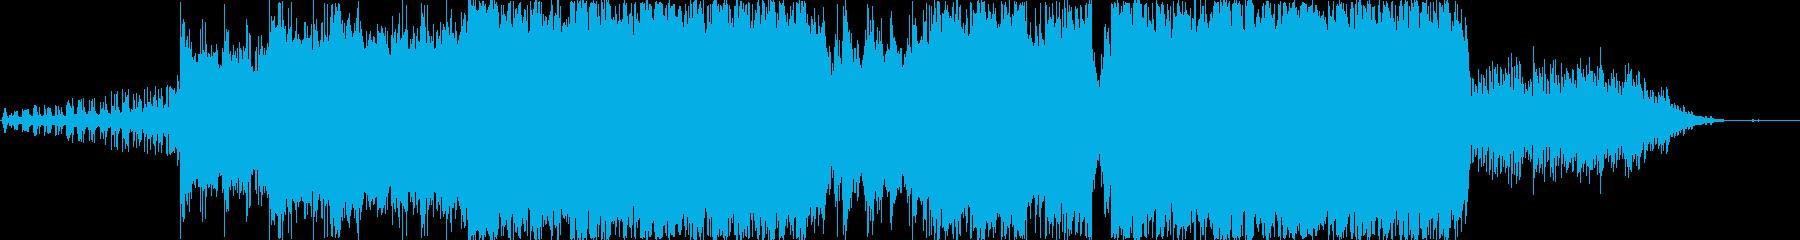 古都の中国を彷彿させる曲の再生済みの波形